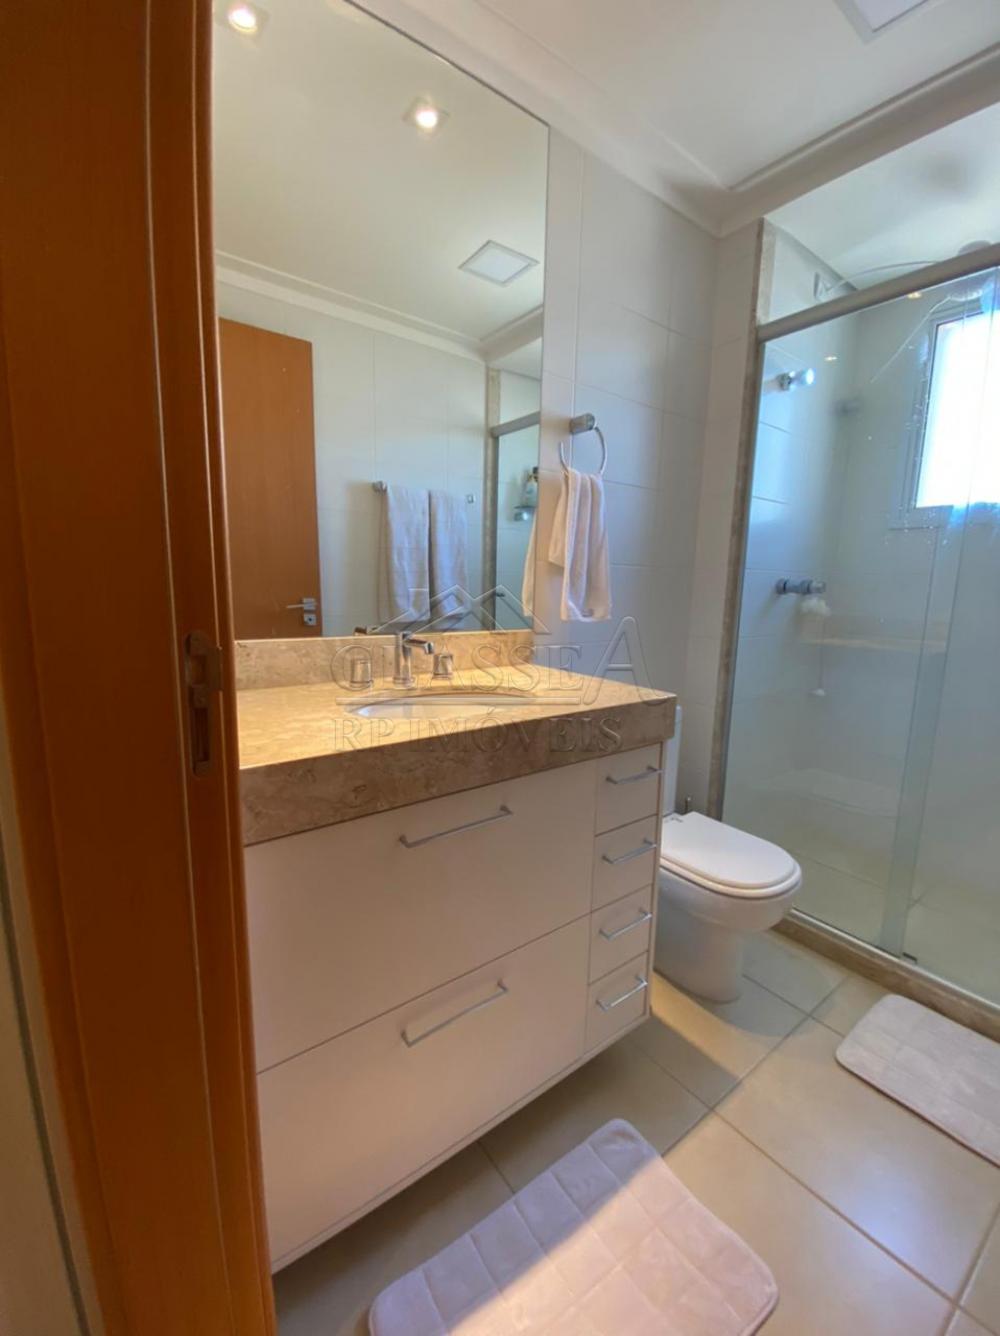 Comprar Apartamento / Padrão em Ribeirão Preto R$ 760.000,00 - Foto 14